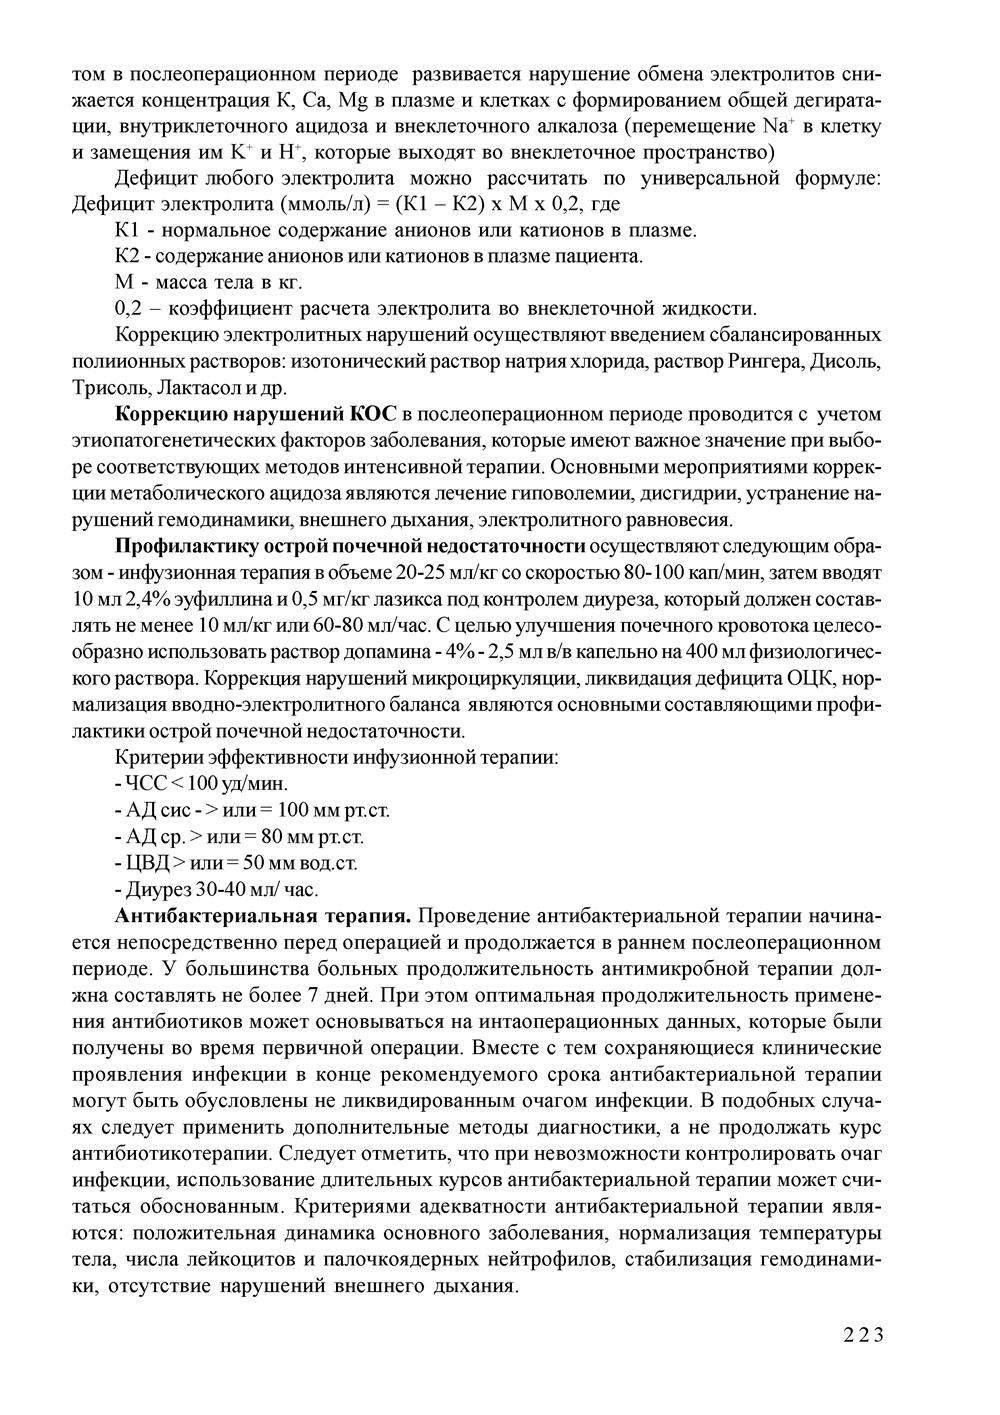 http://ipic.su/img/img7/fs/p0223.1591518738.jpg